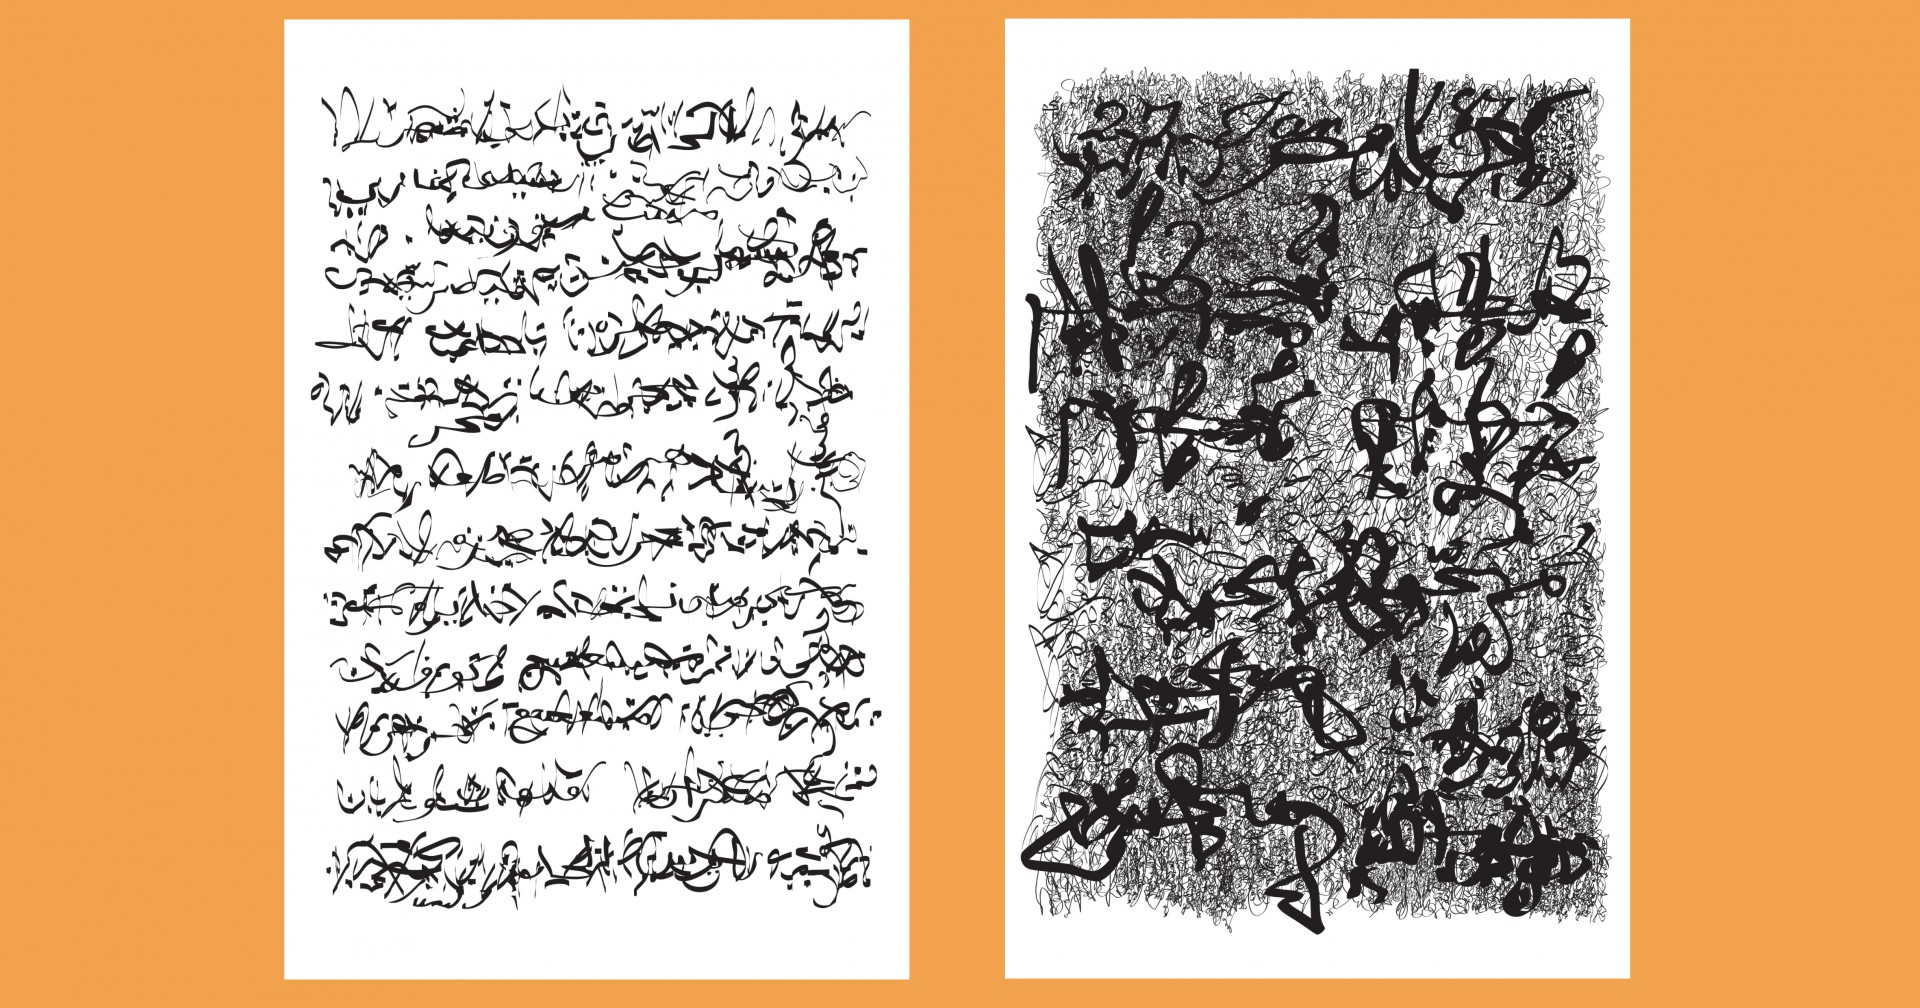 Palimpsest 004 u. 012, auf elektronischem Schreibtablett geschrieben, Vektordatei, Latexdruck auf LKW-Plane, je 330 x 200 cm, 2019